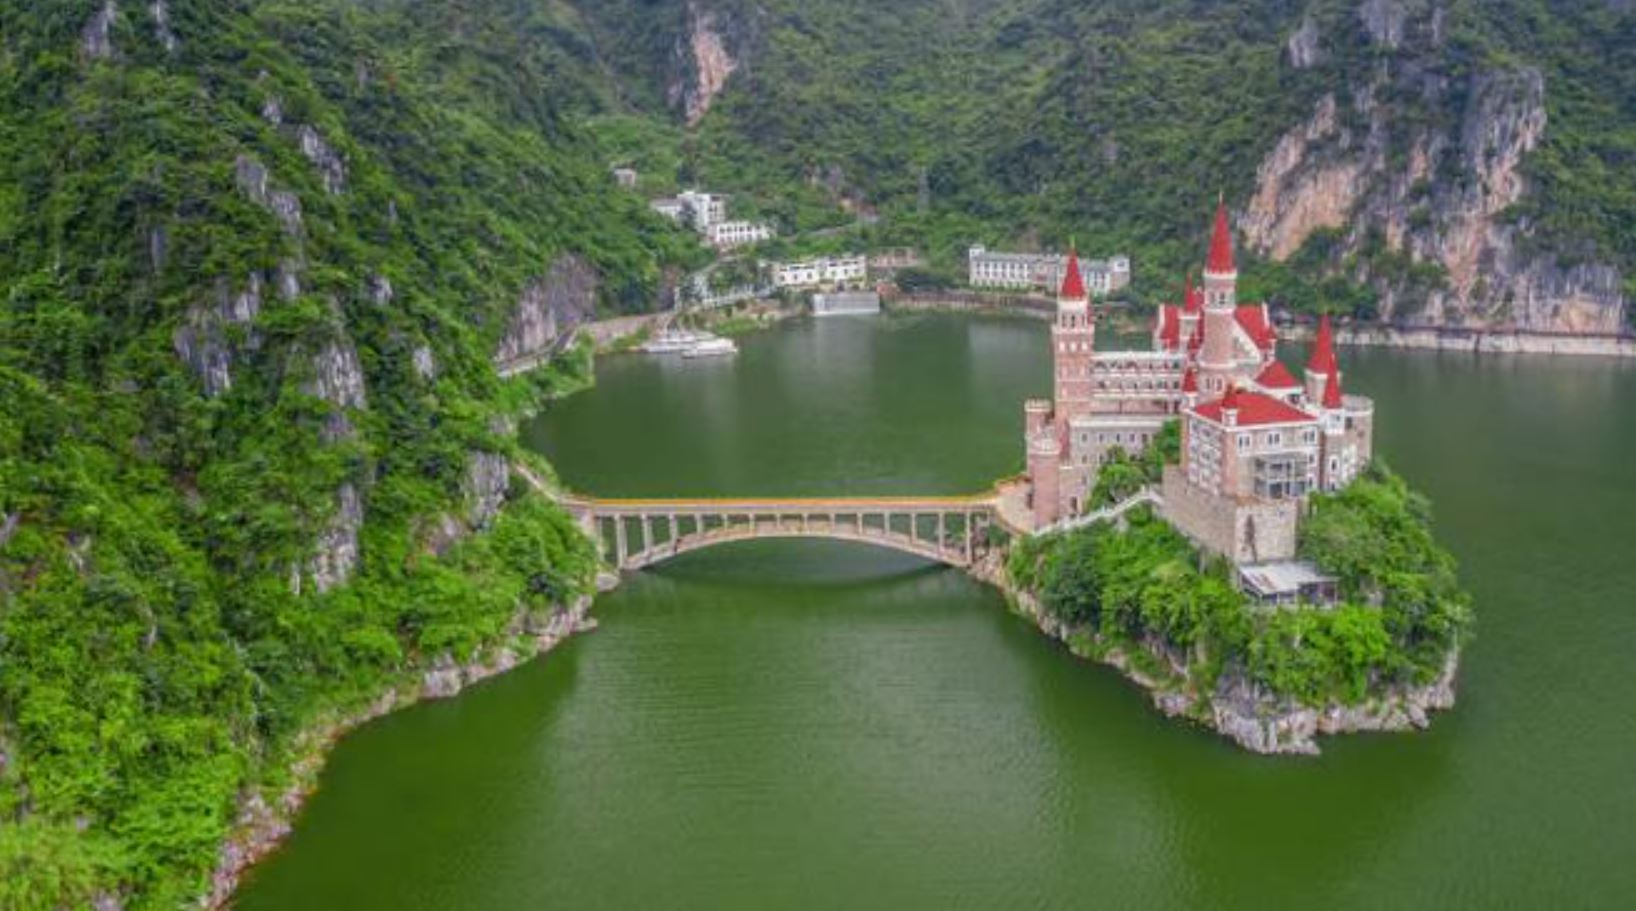 Ora puoi dormire in un castello delle principesse Disney grazie a questo hotel che costa 33 euro a notte